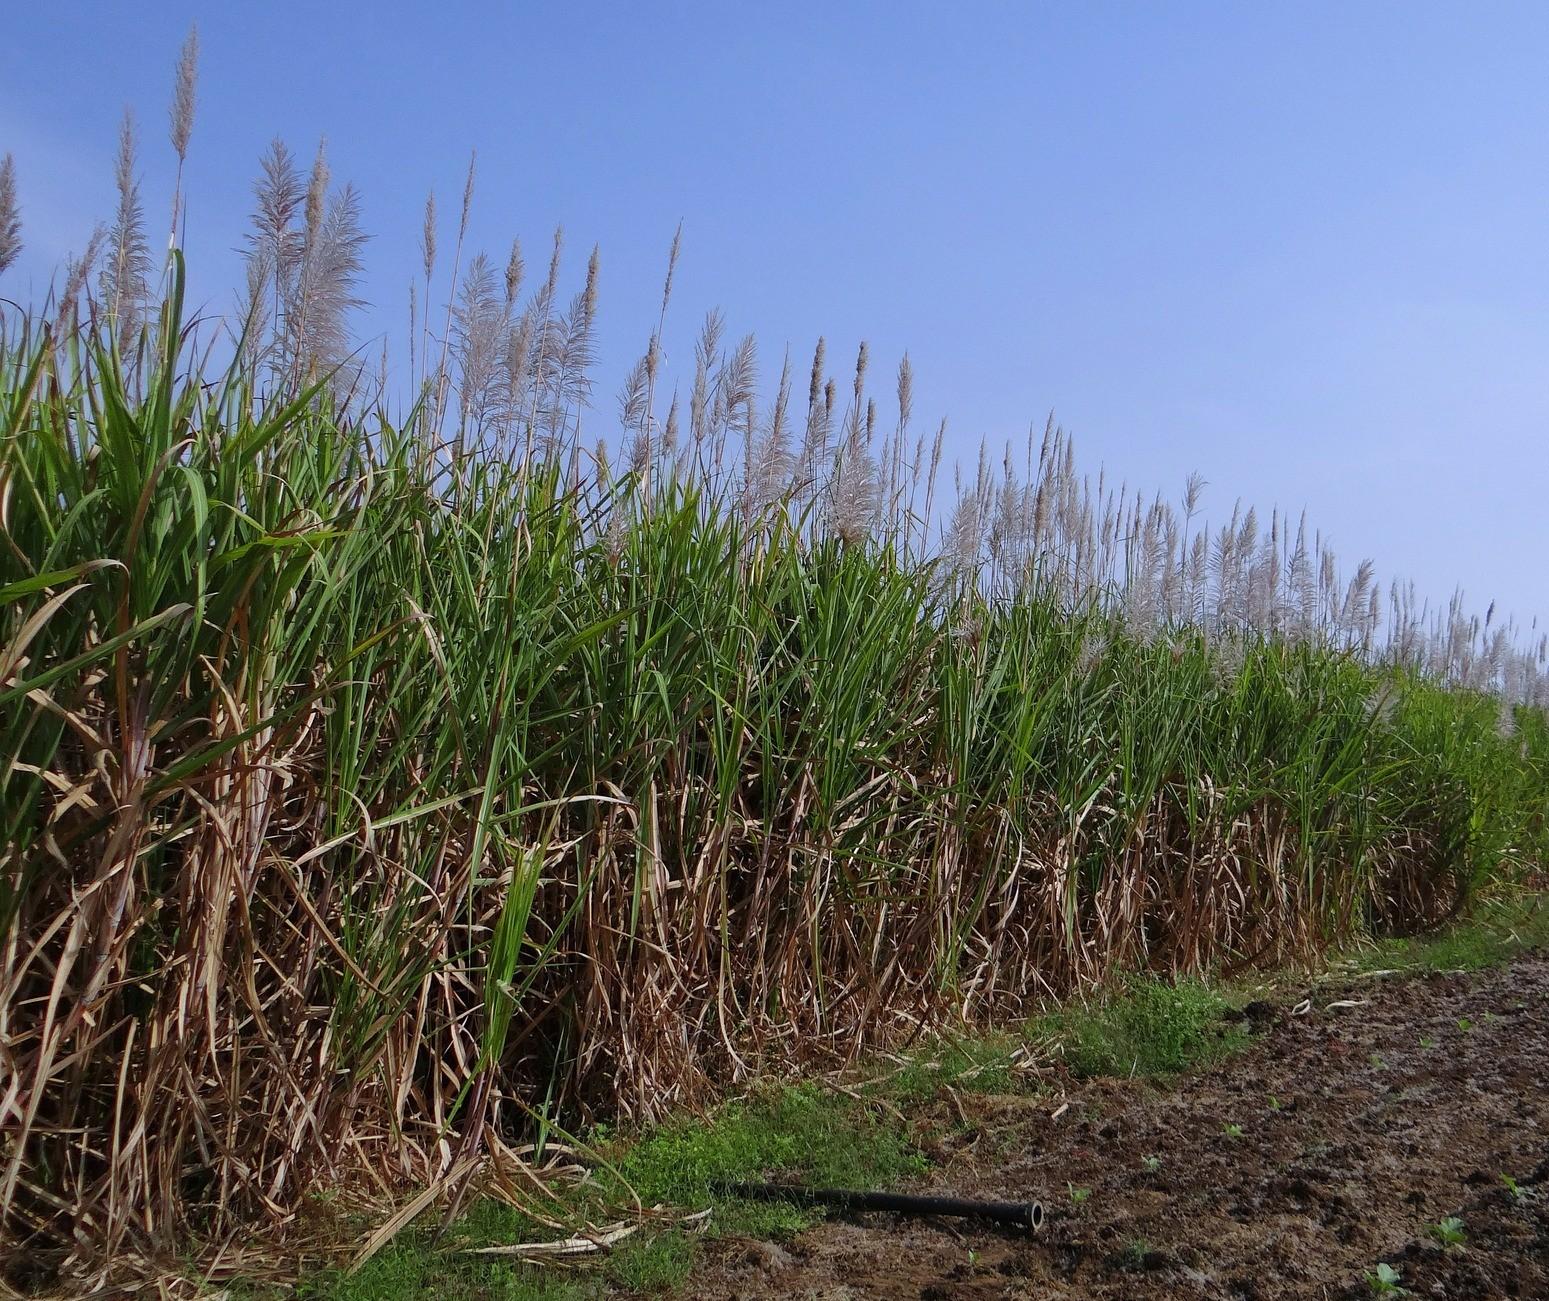 Brasil deve ter produção recorde de 39,3 mi de toneladas de açúcar